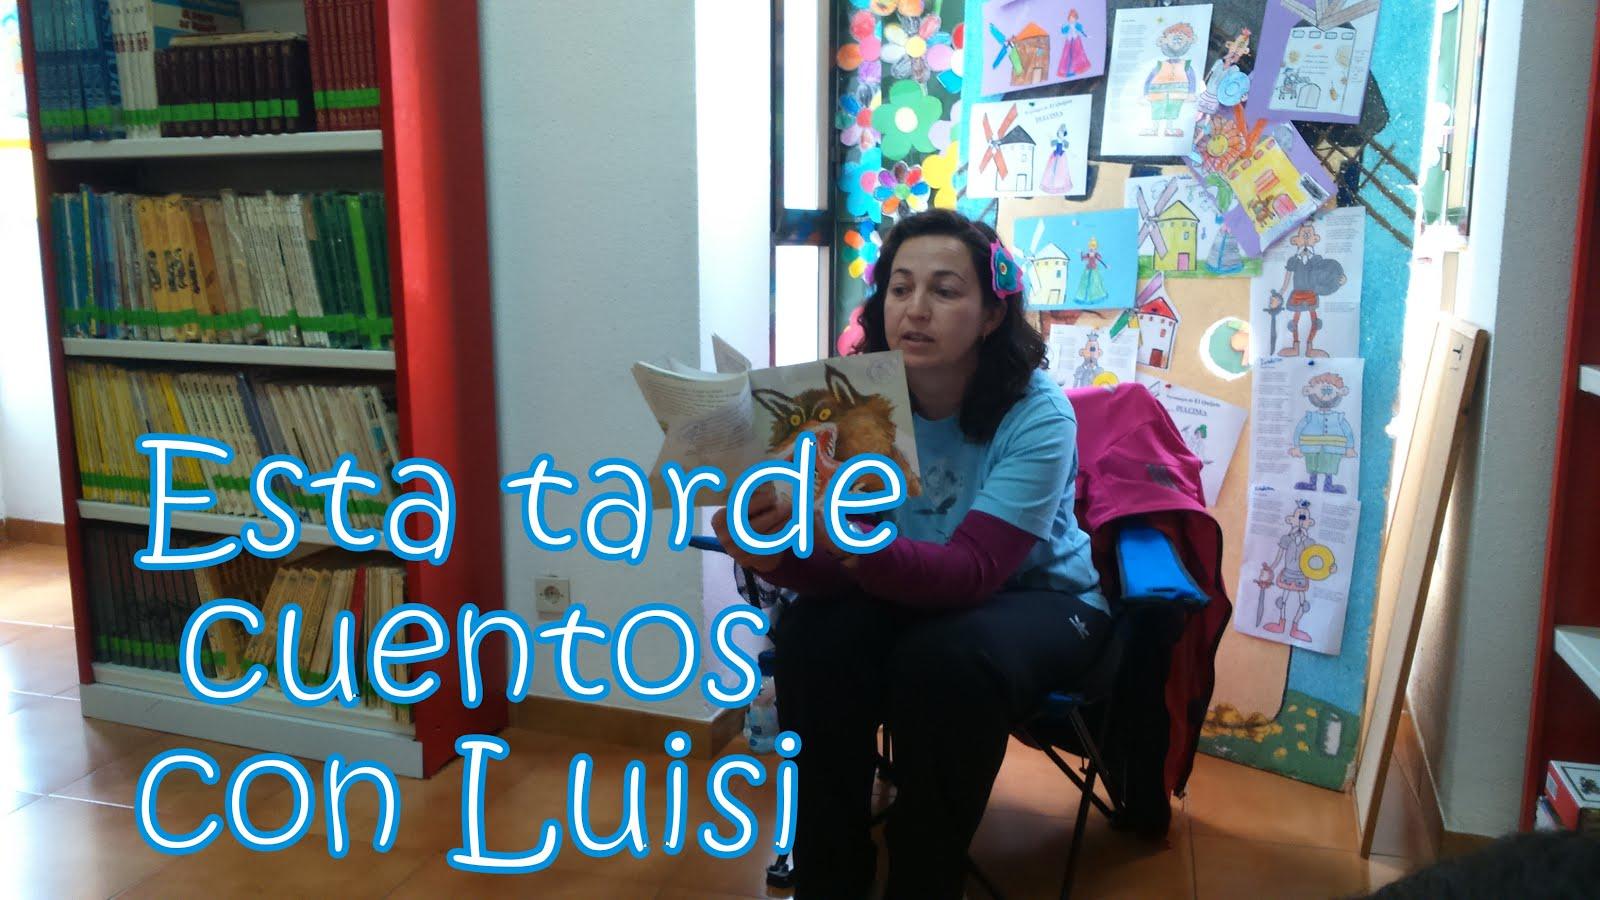 LUISI NOS CUENTA CUENTOS, 2016